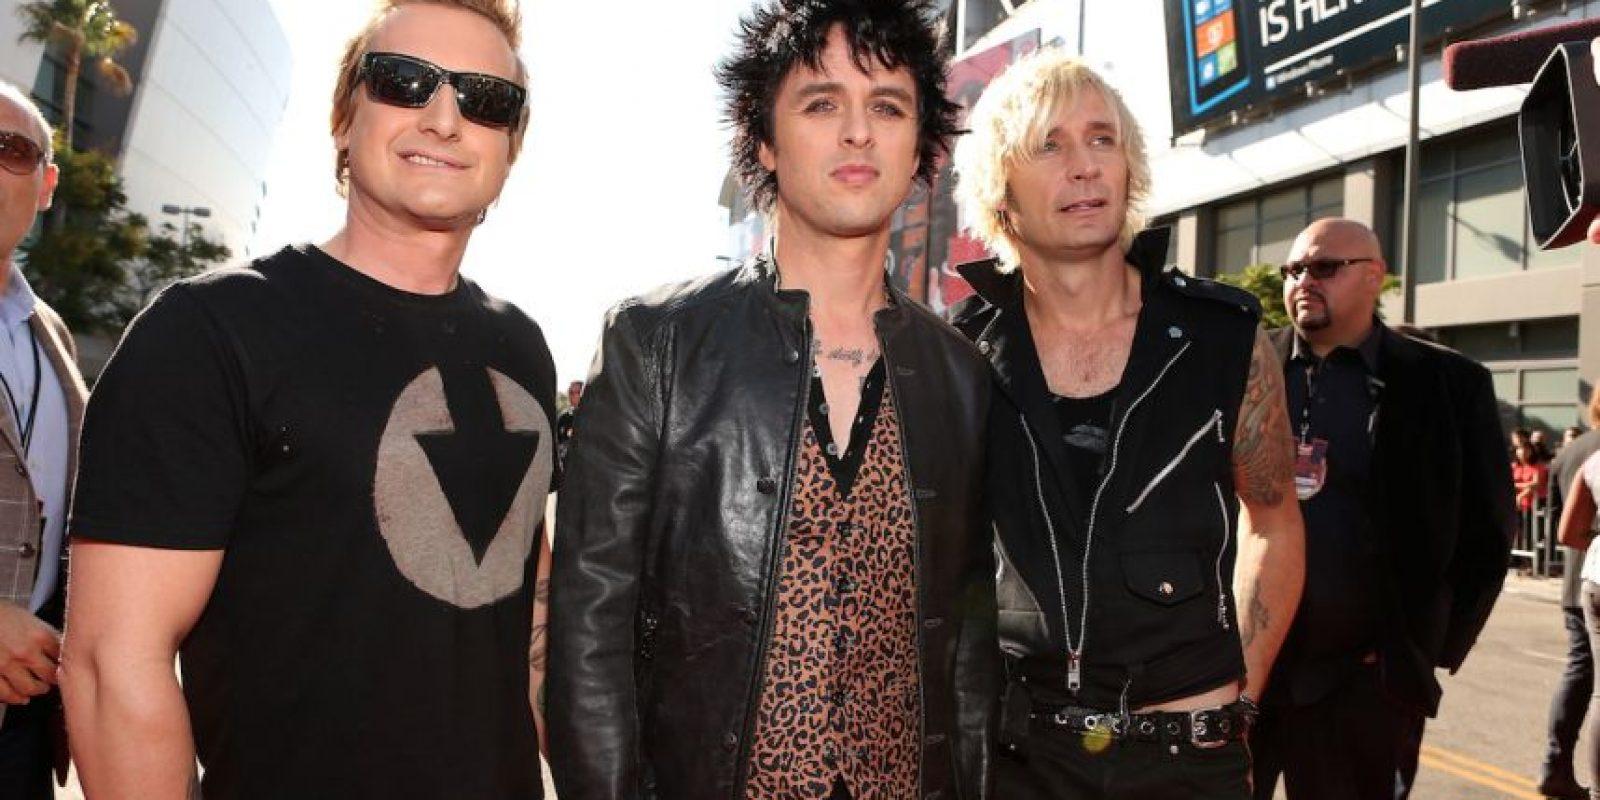 Actualmente, Green Day está nominada para ingresar al Salón de la fama del Rock and Roll en 2015. Foto:Getty Images